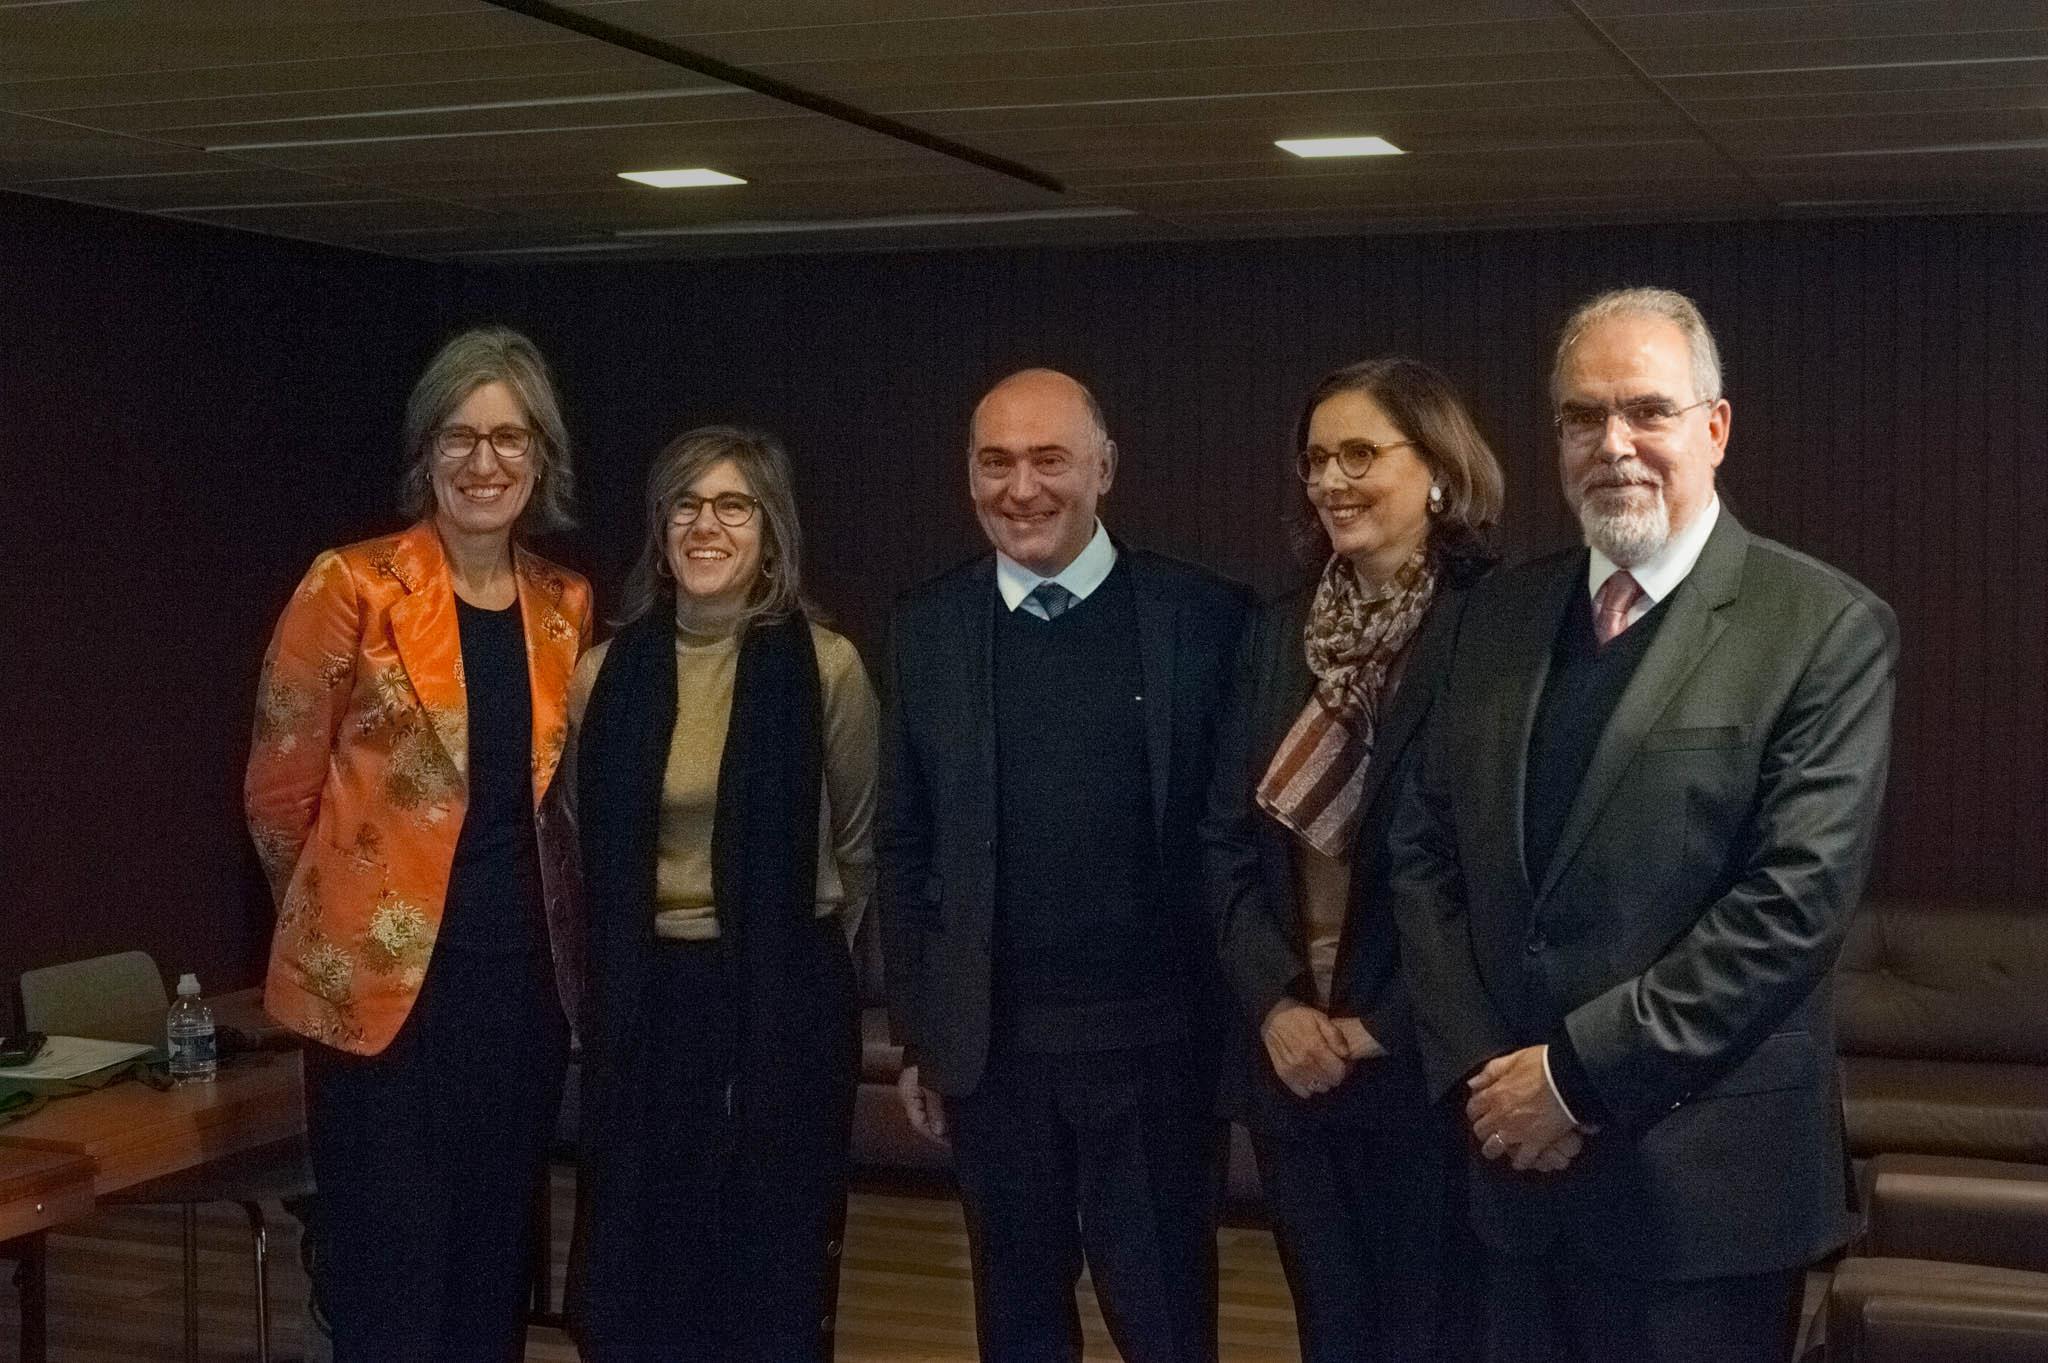 Retour sur le Symposium «Agir pour la biodiversité»du 6 décembre 2017 à l'UNESCO